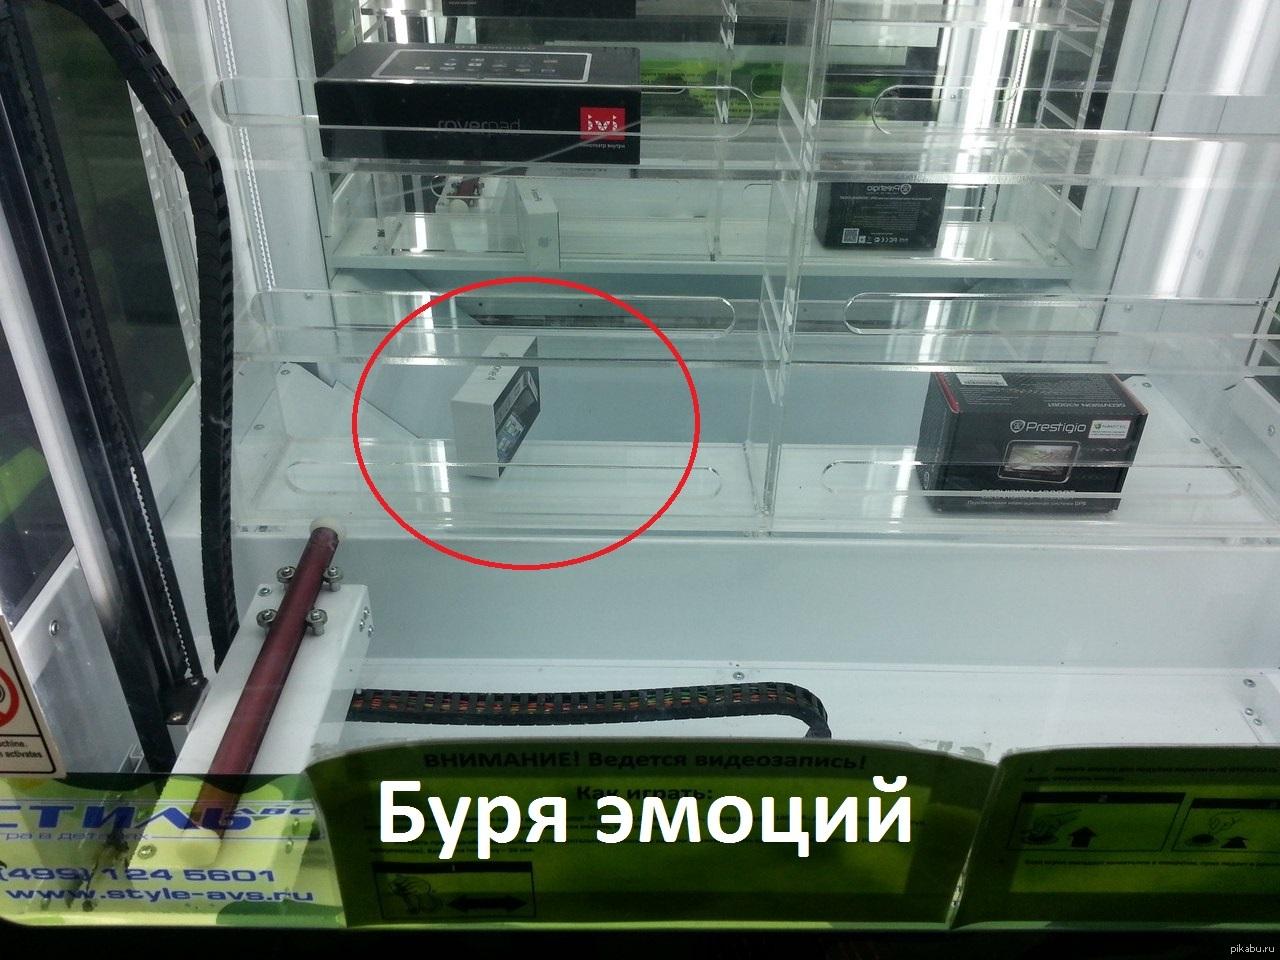 Автоматы где можно выиграть телефон скскачать игровые автоматы бесплатно онлайн